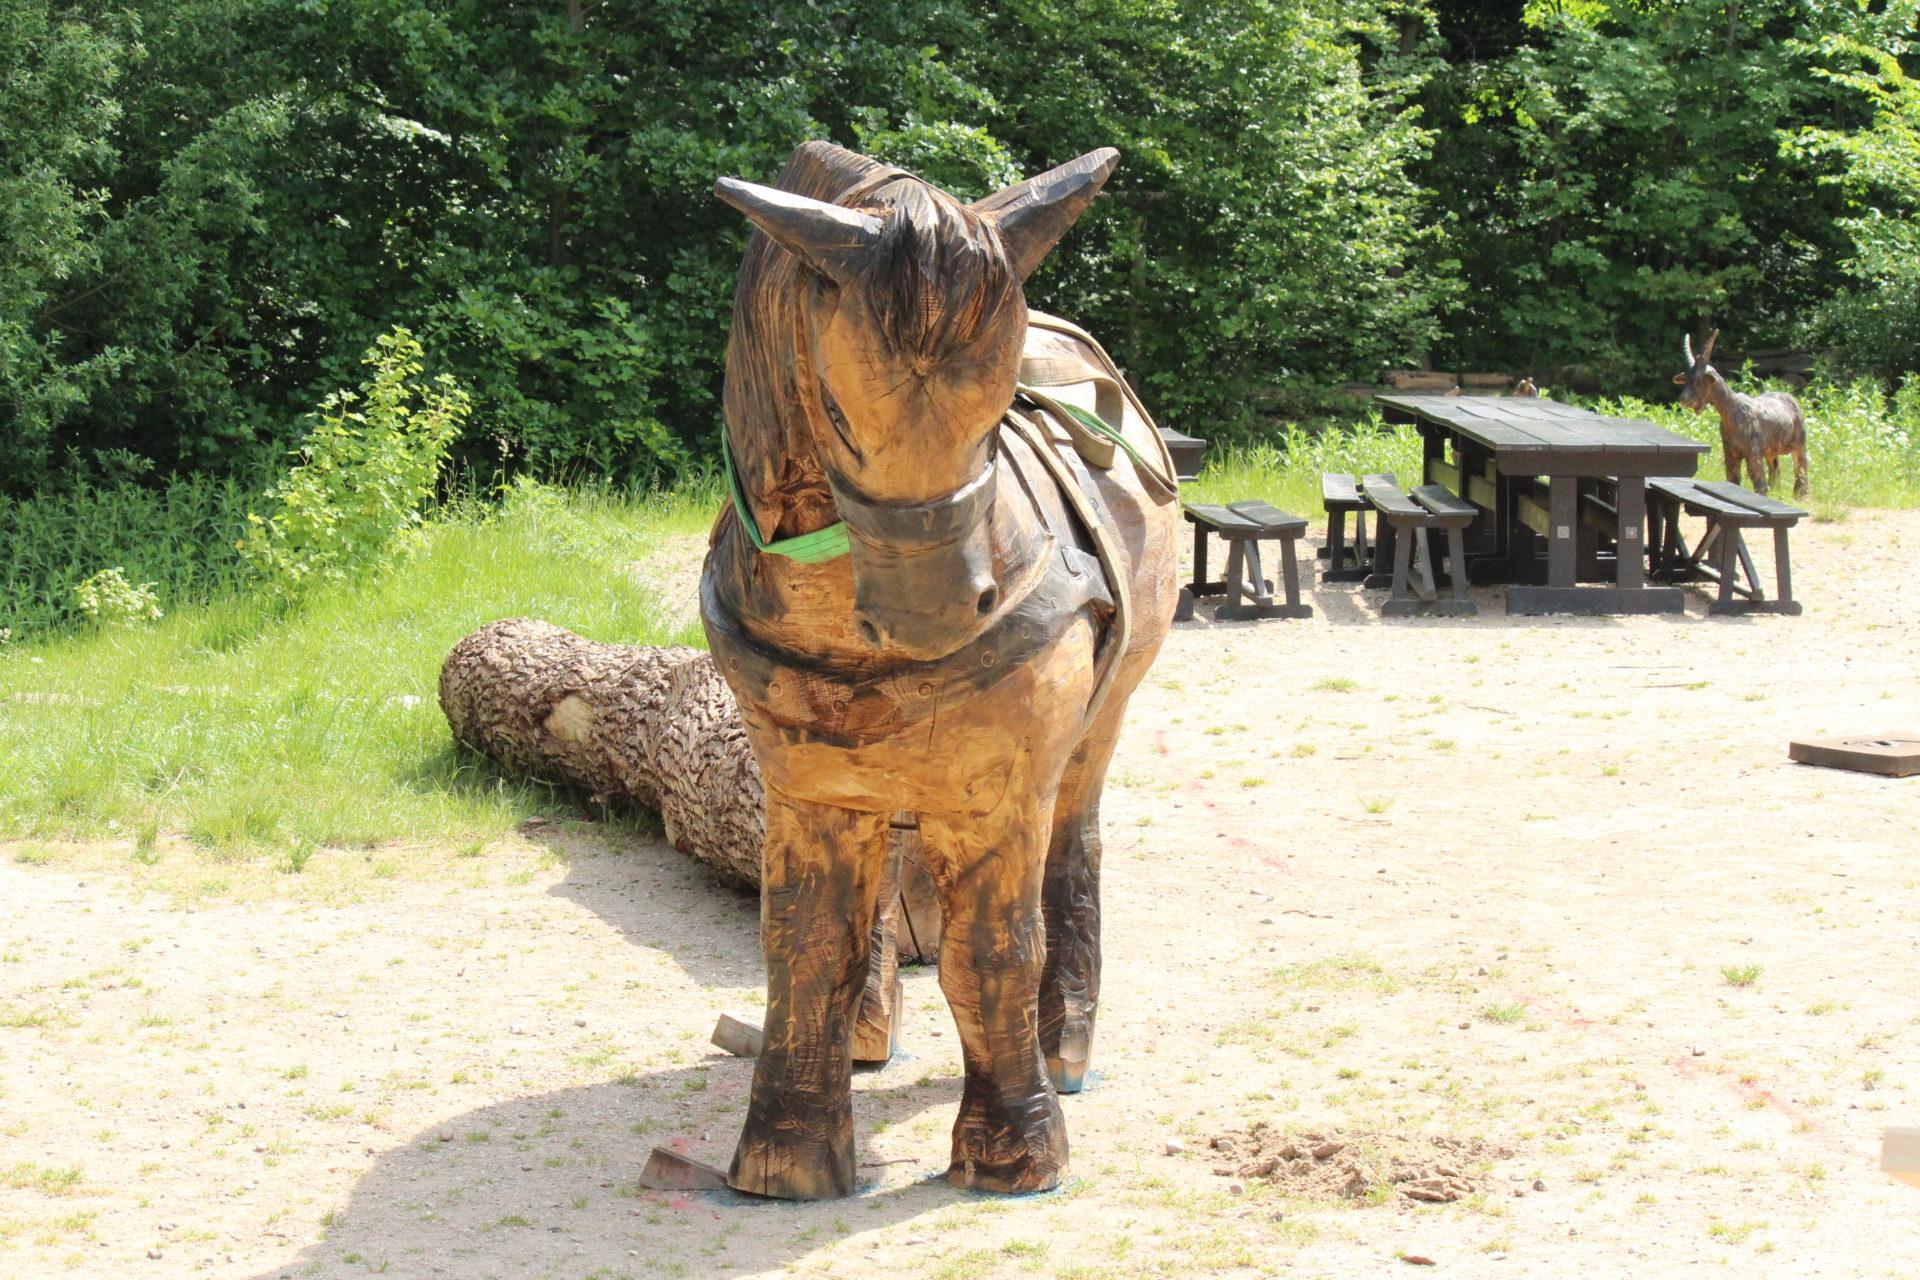 Hest - Træskulpturer til Den Fynske Landsby